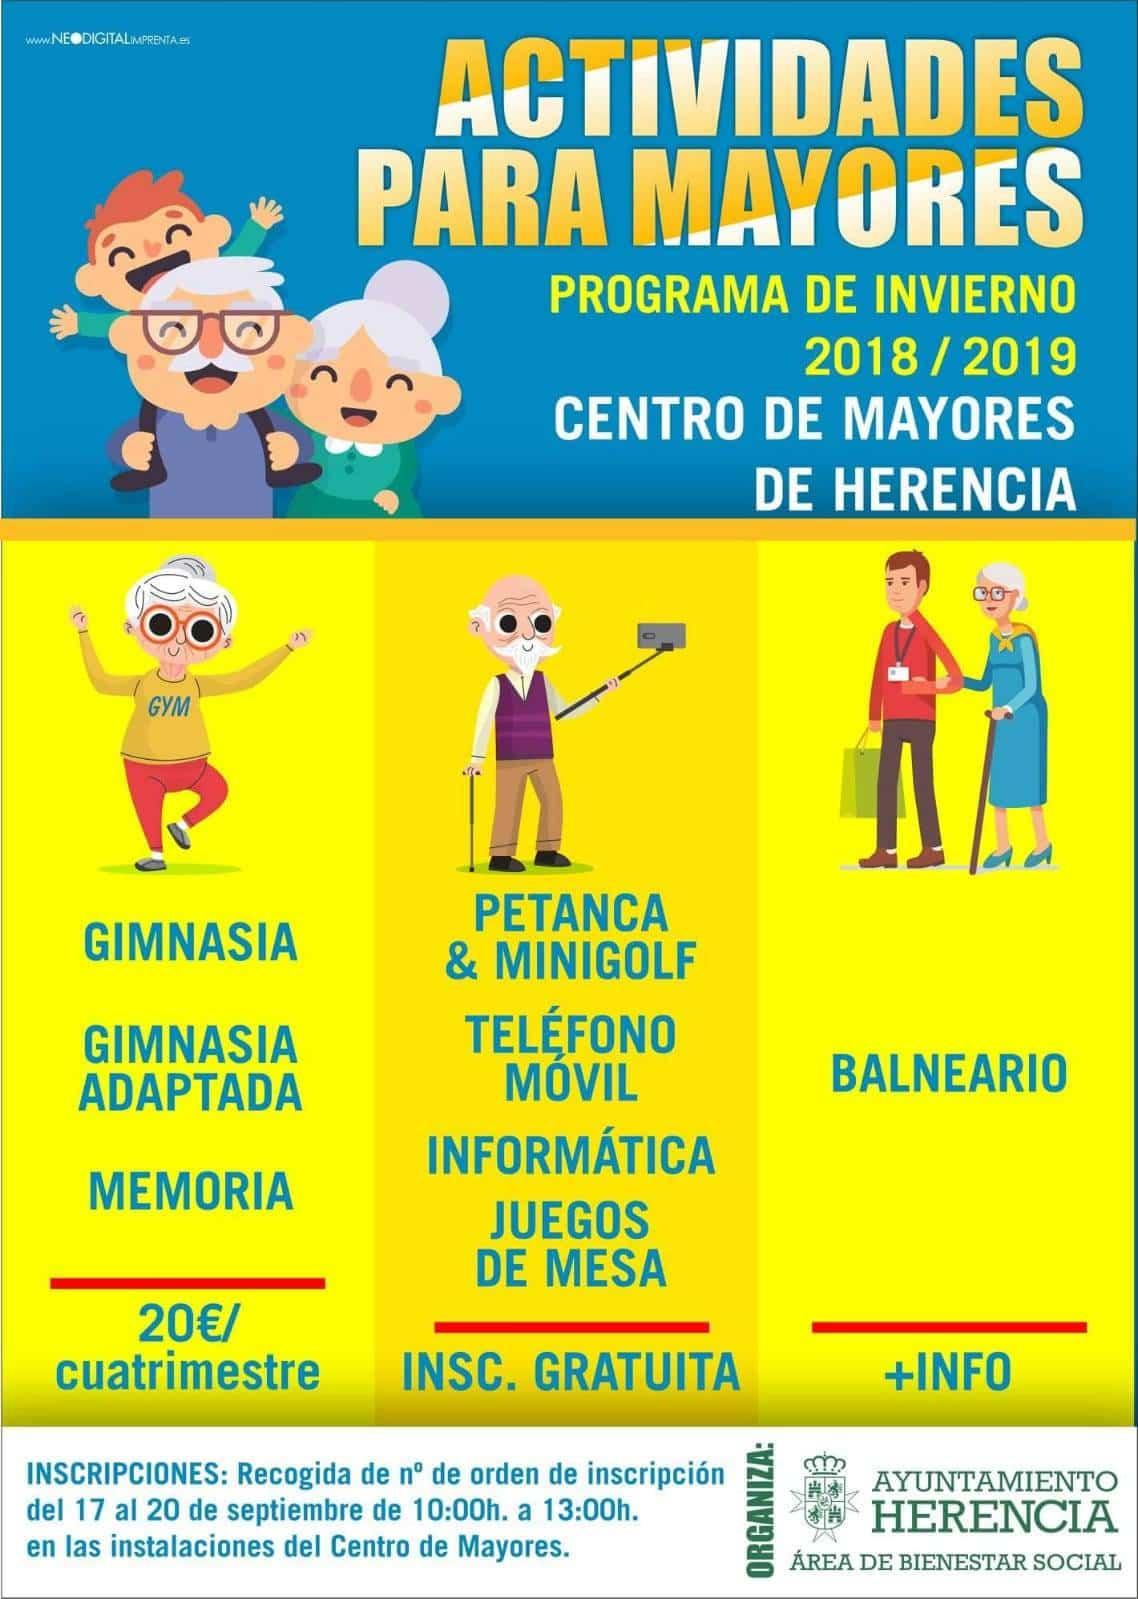 Programa de invierno de actividades para mayores en Herencia 3